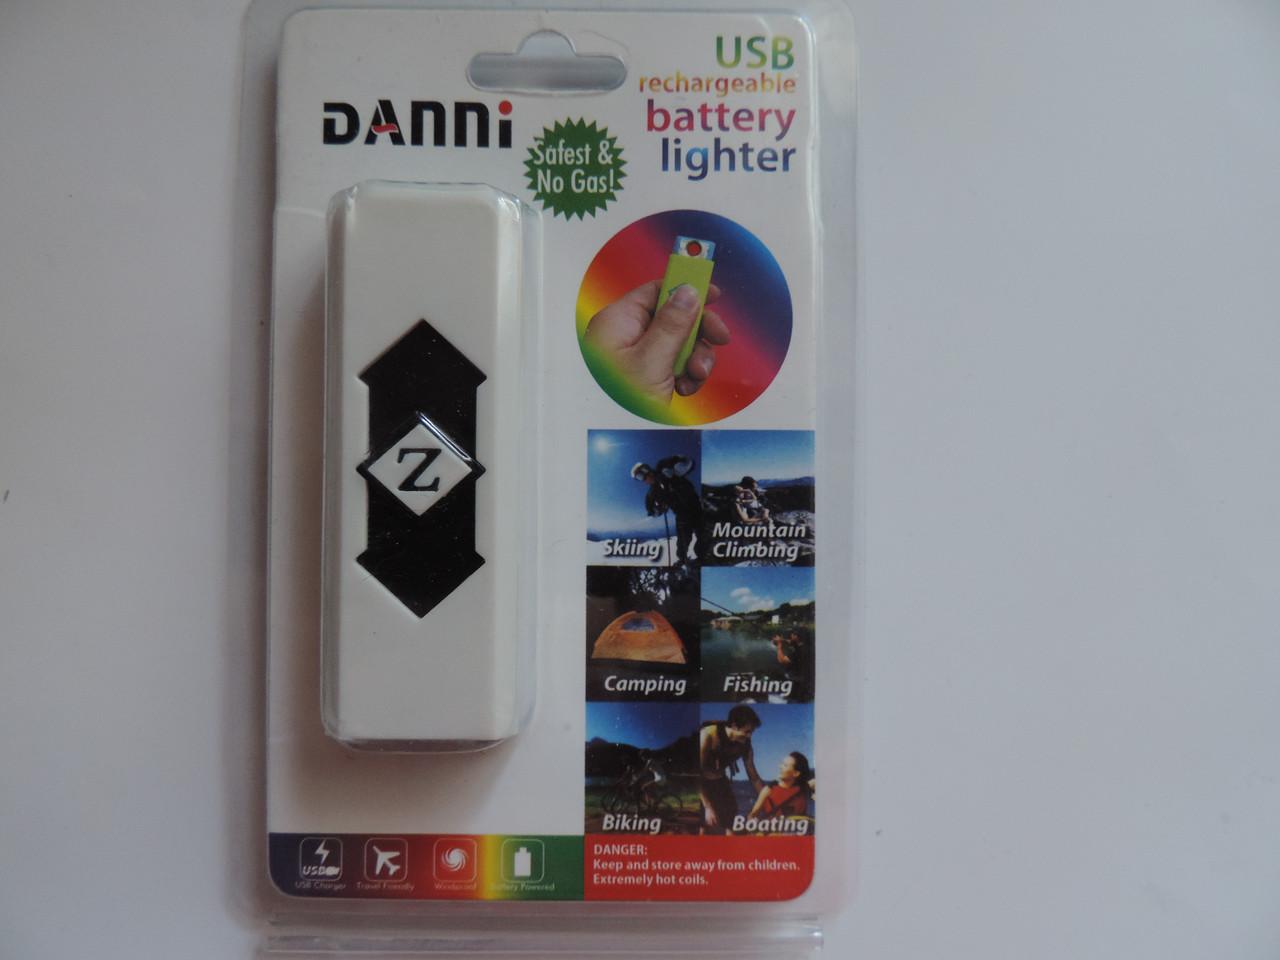 Электронная USB зажигалка с ультрафиолетовой лампочкой для проверки валют.